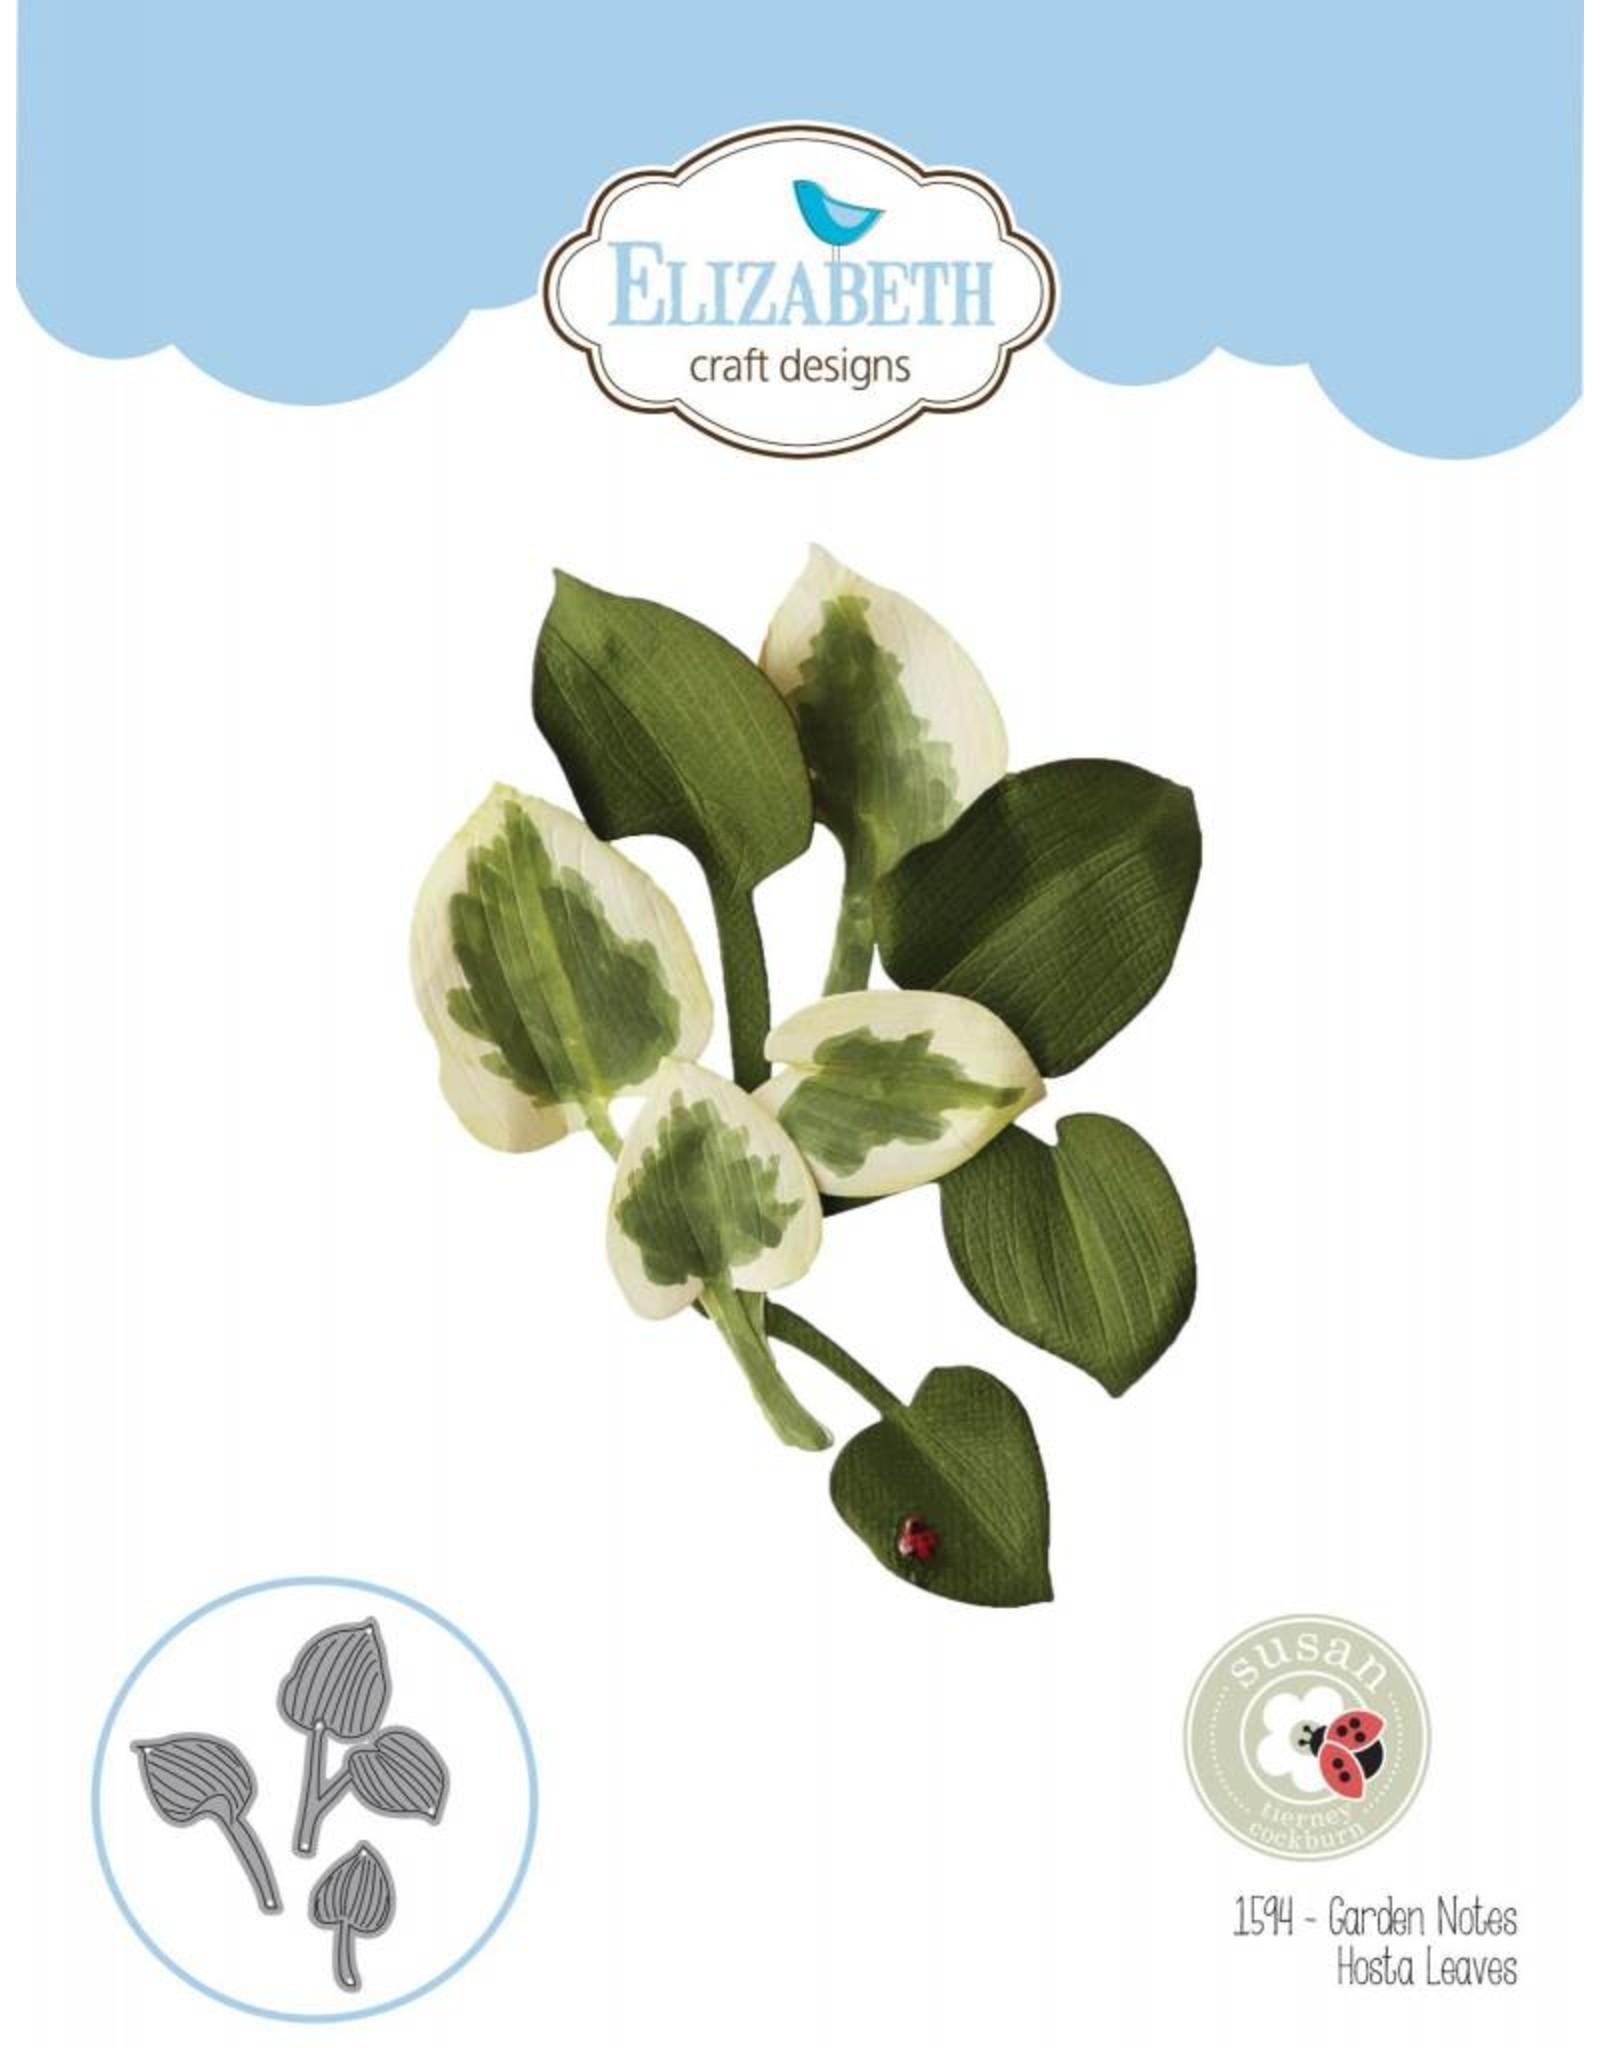 Elizabeth Craft Designs Elizabeth Craft Designs Garden Notes - Hosta Leaves 1594